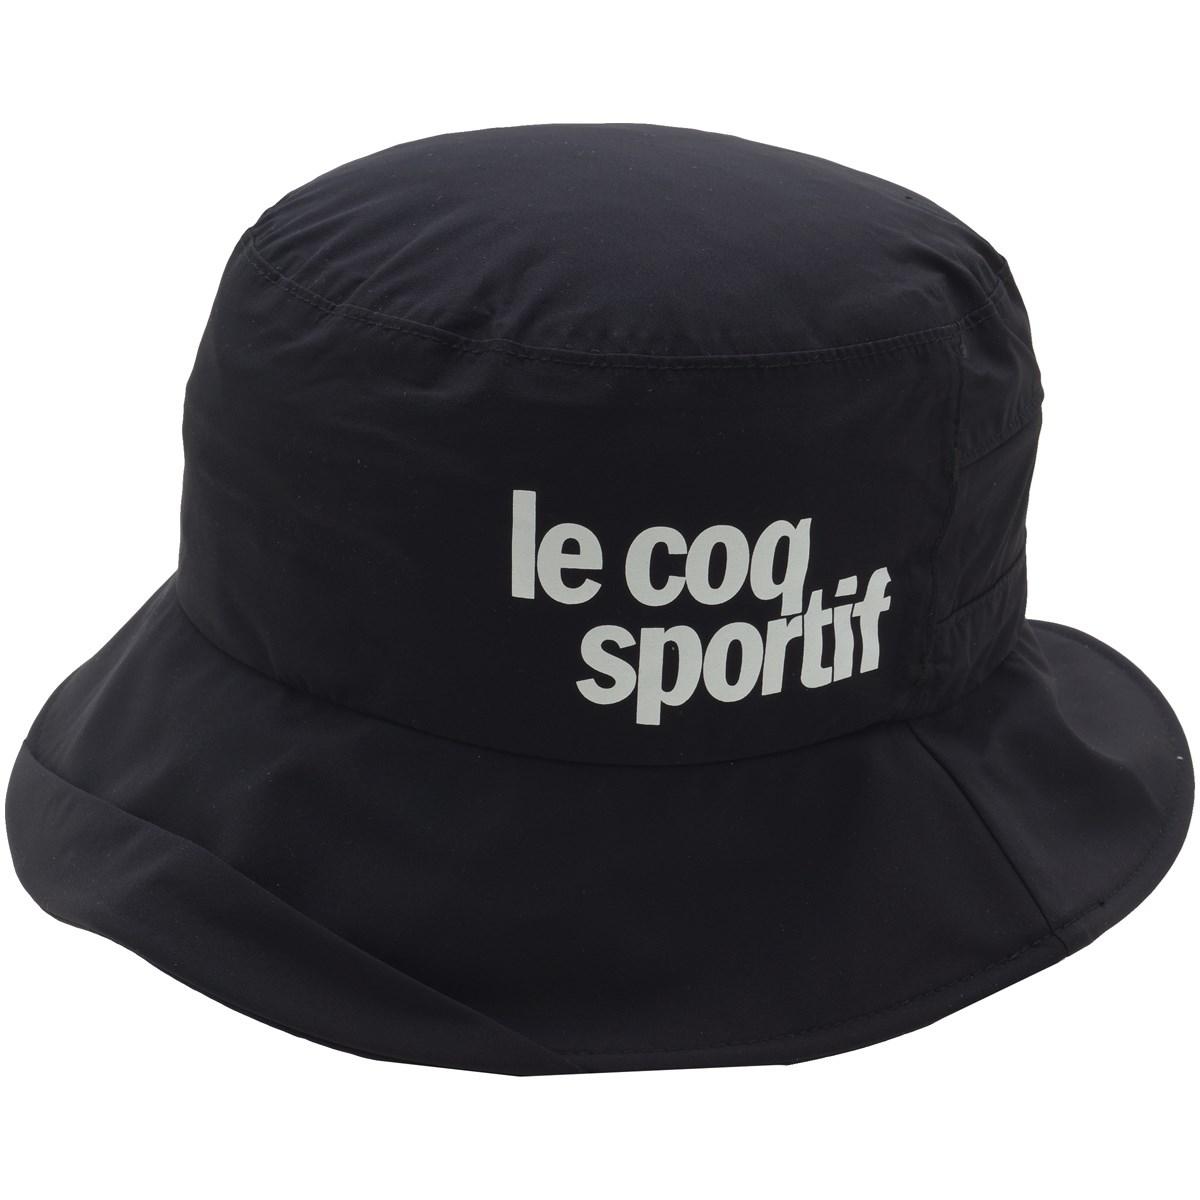 [2019年モデル] ルコックゴルフ Le coq sportif GOLF レインハット ブラック 00 メンズ ゴルフウェア